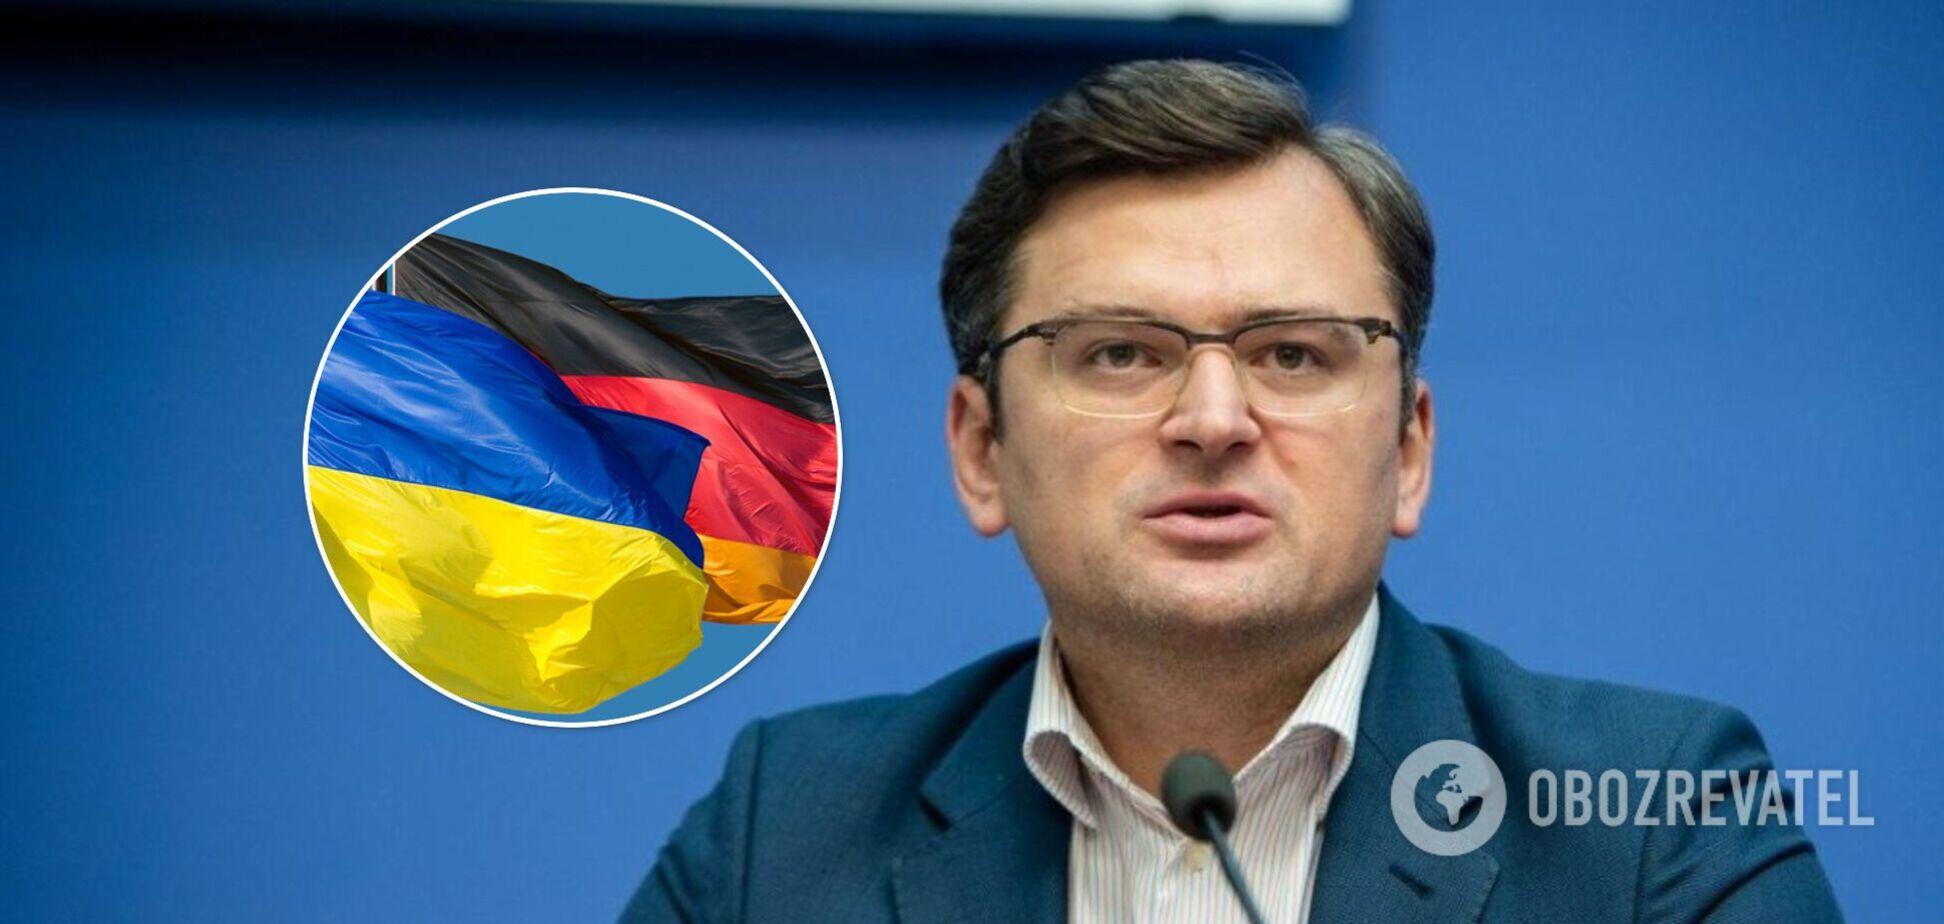 Кулеба провел в Германии тяжелые переговоры по 'Северному потоку-2'